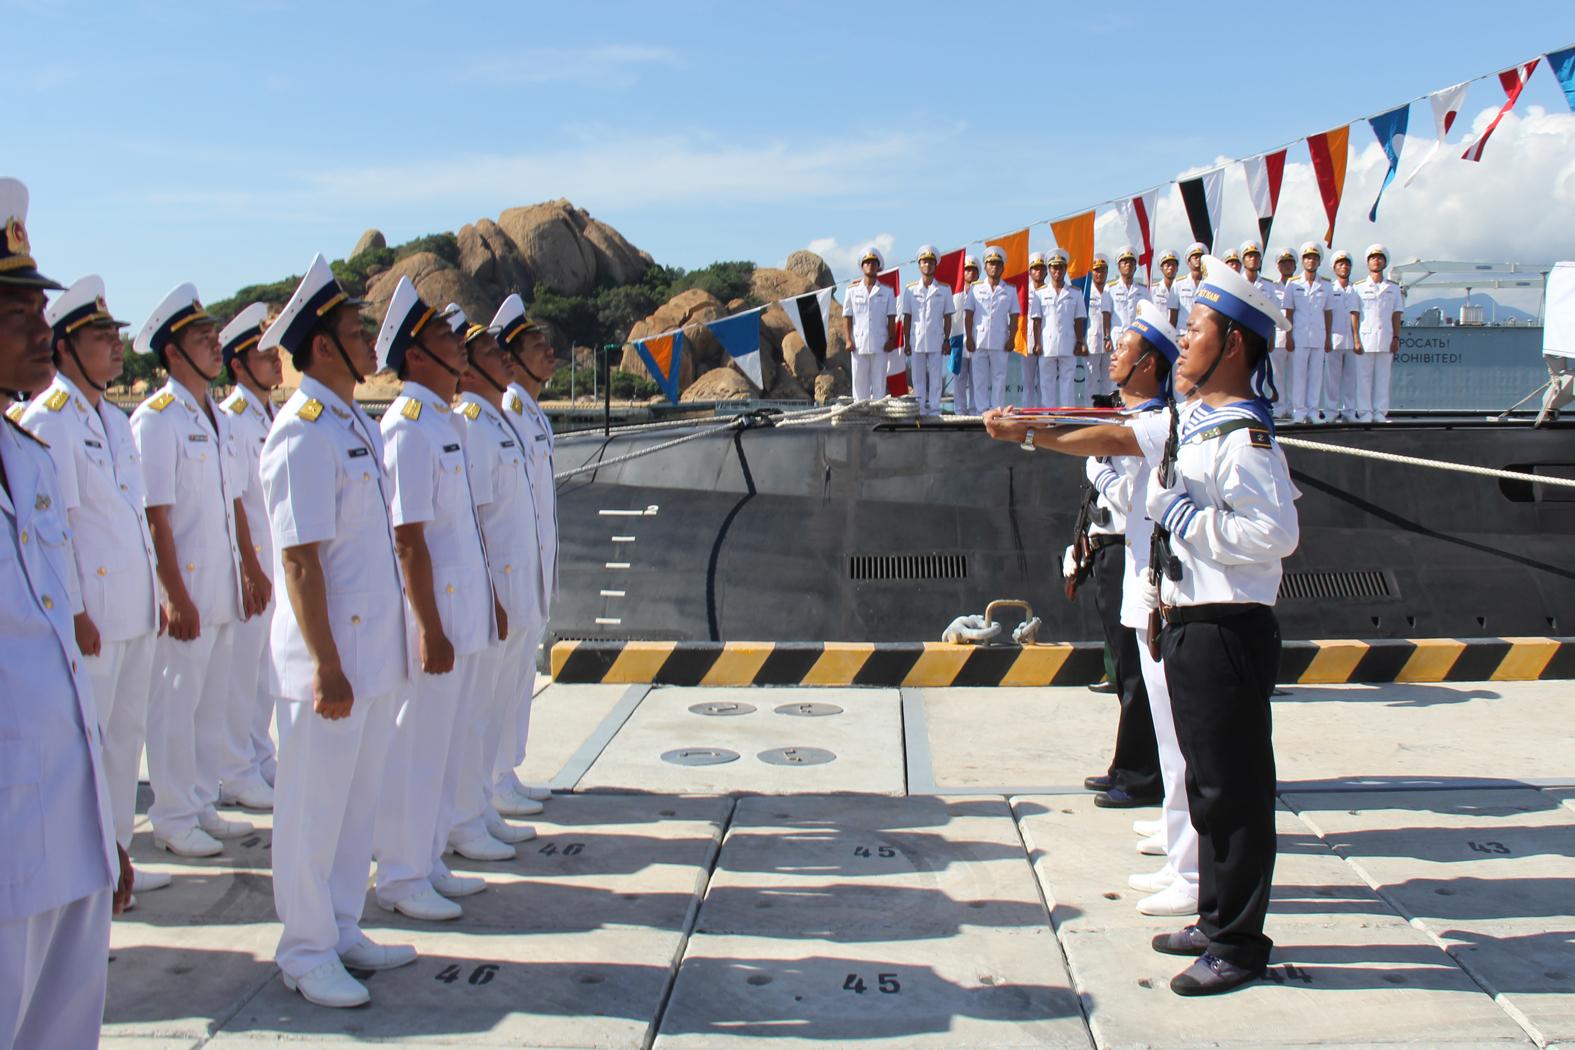 Cán bộ thủy thủ của tàu ngầm chào tiếp nhận Quốc kỳ và cờ Hải quân